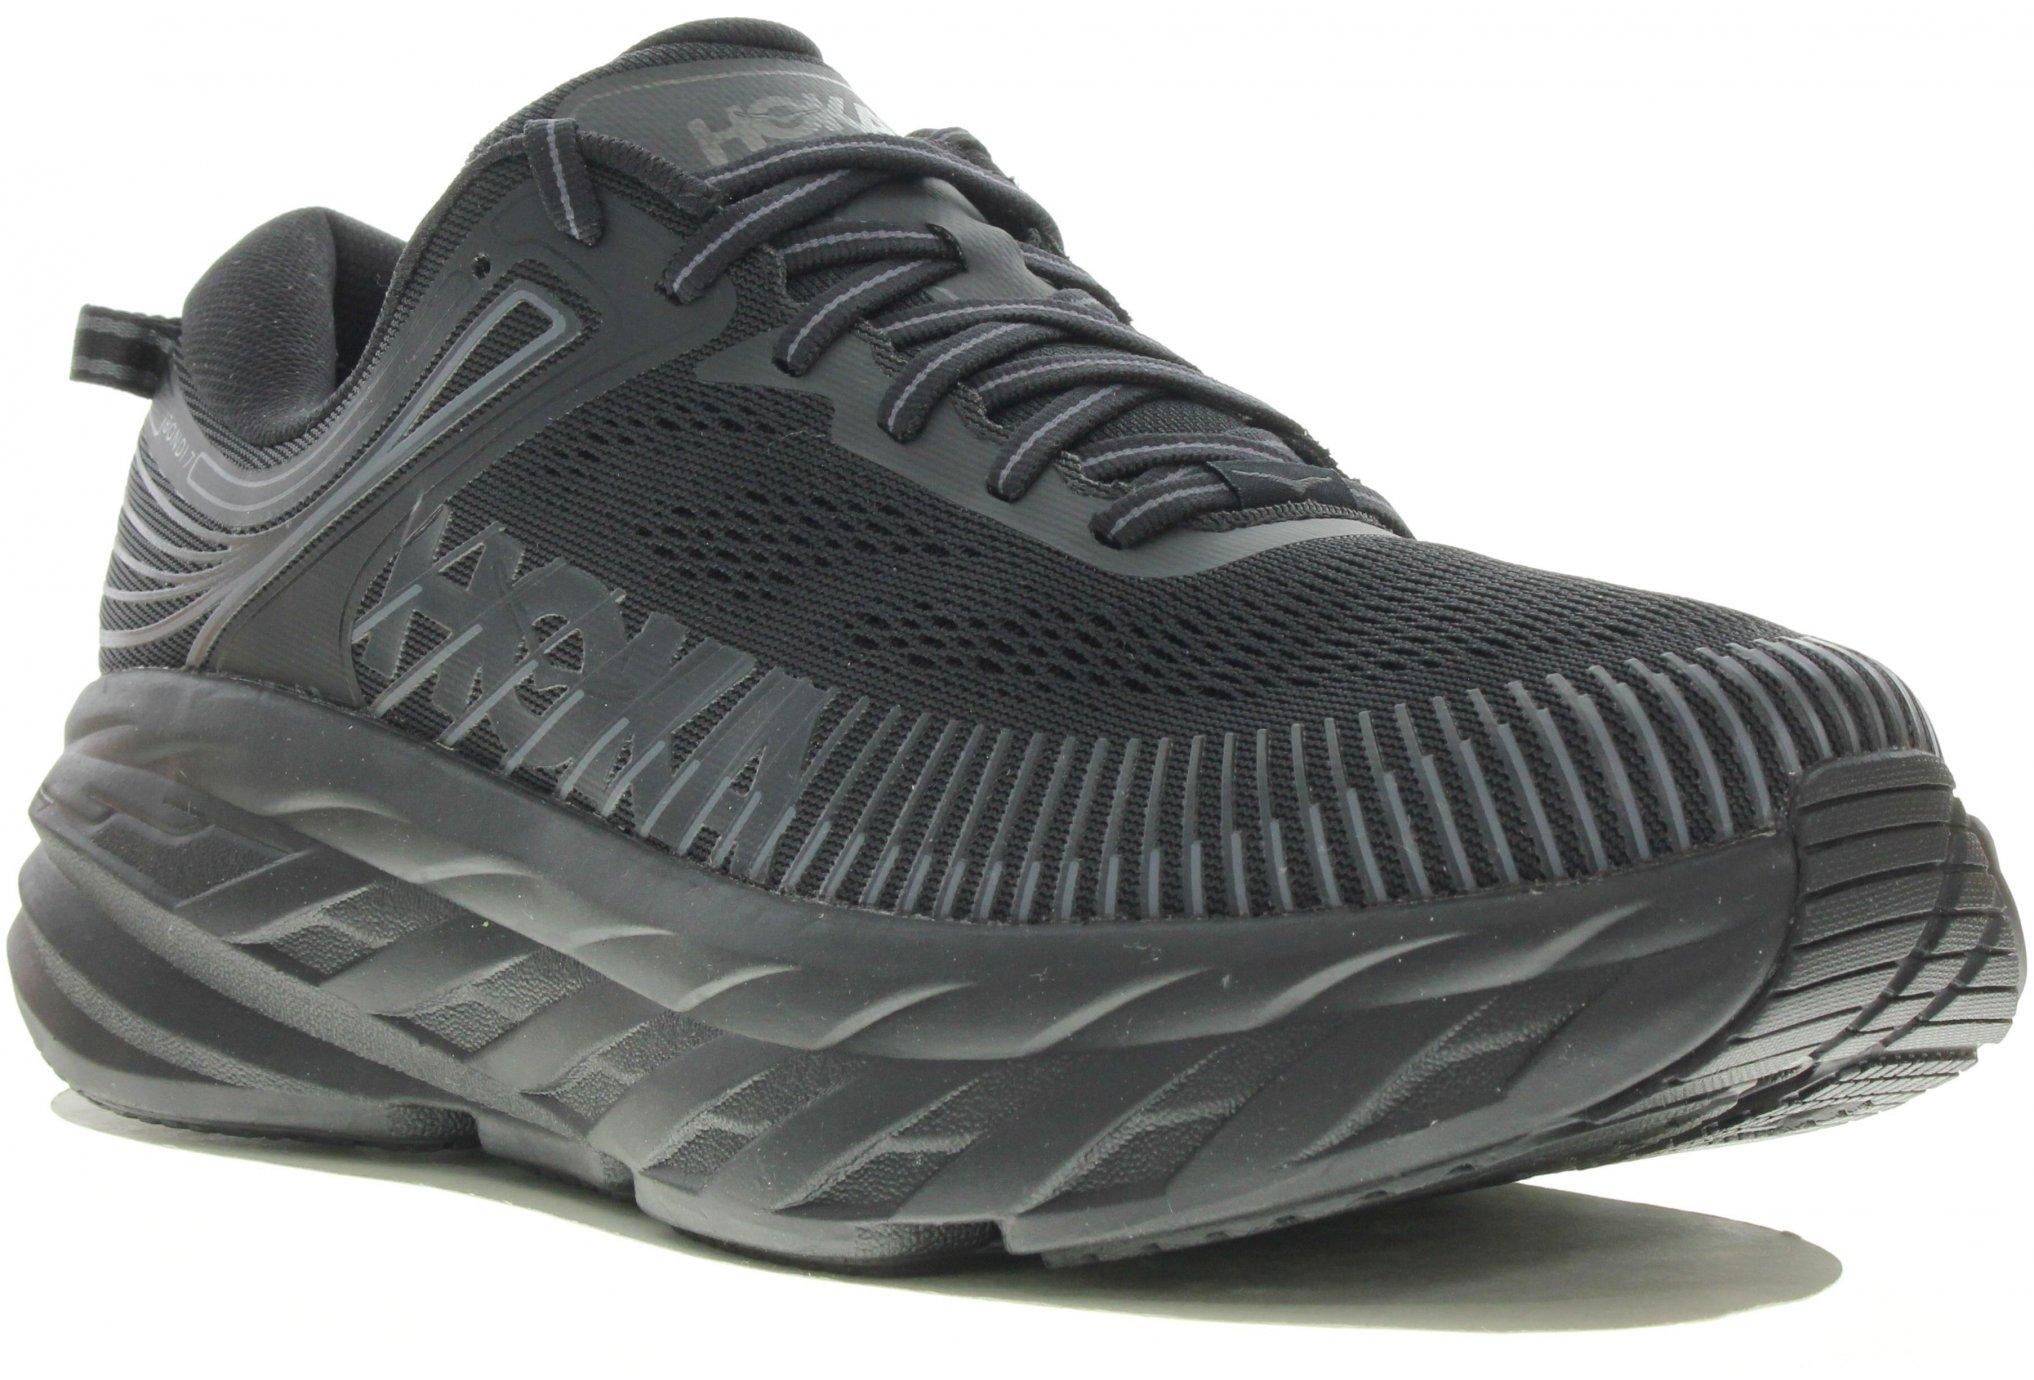 Hoka One One Bondi 7 Wide M Chaussures homme